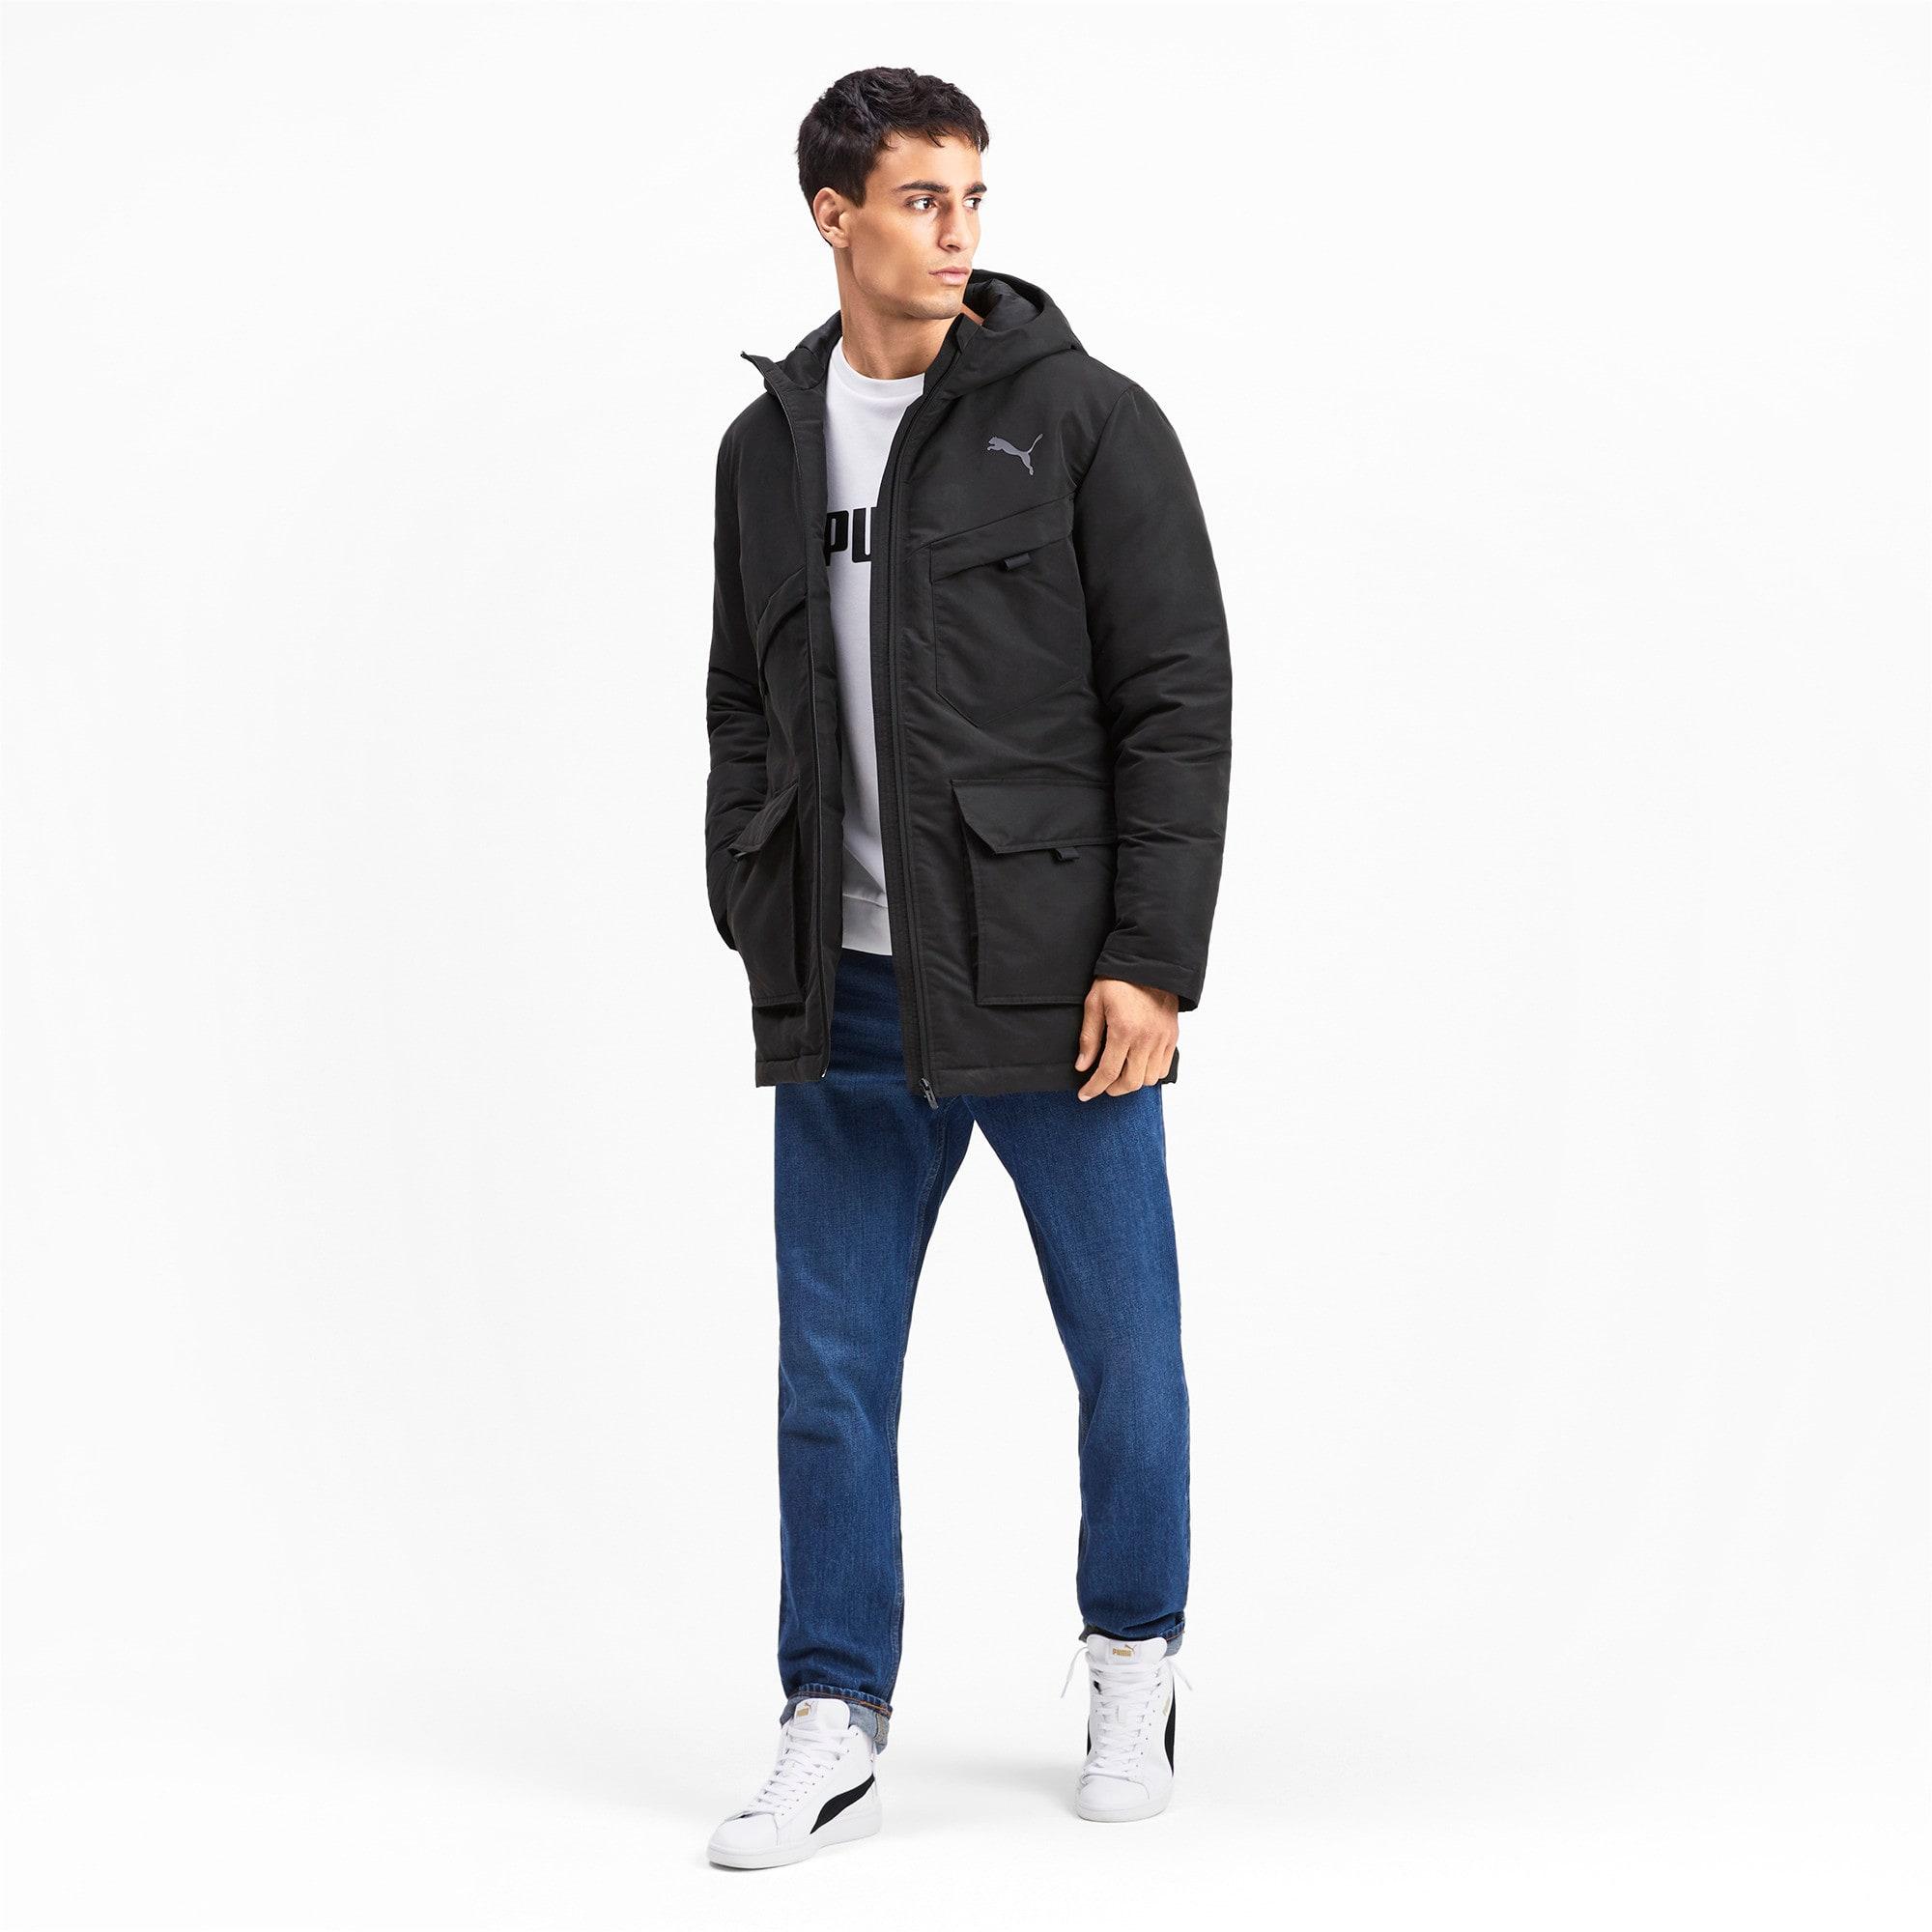 Thumbnail 4 of Essentials Protect Men's Jacket, Puma Black, medium